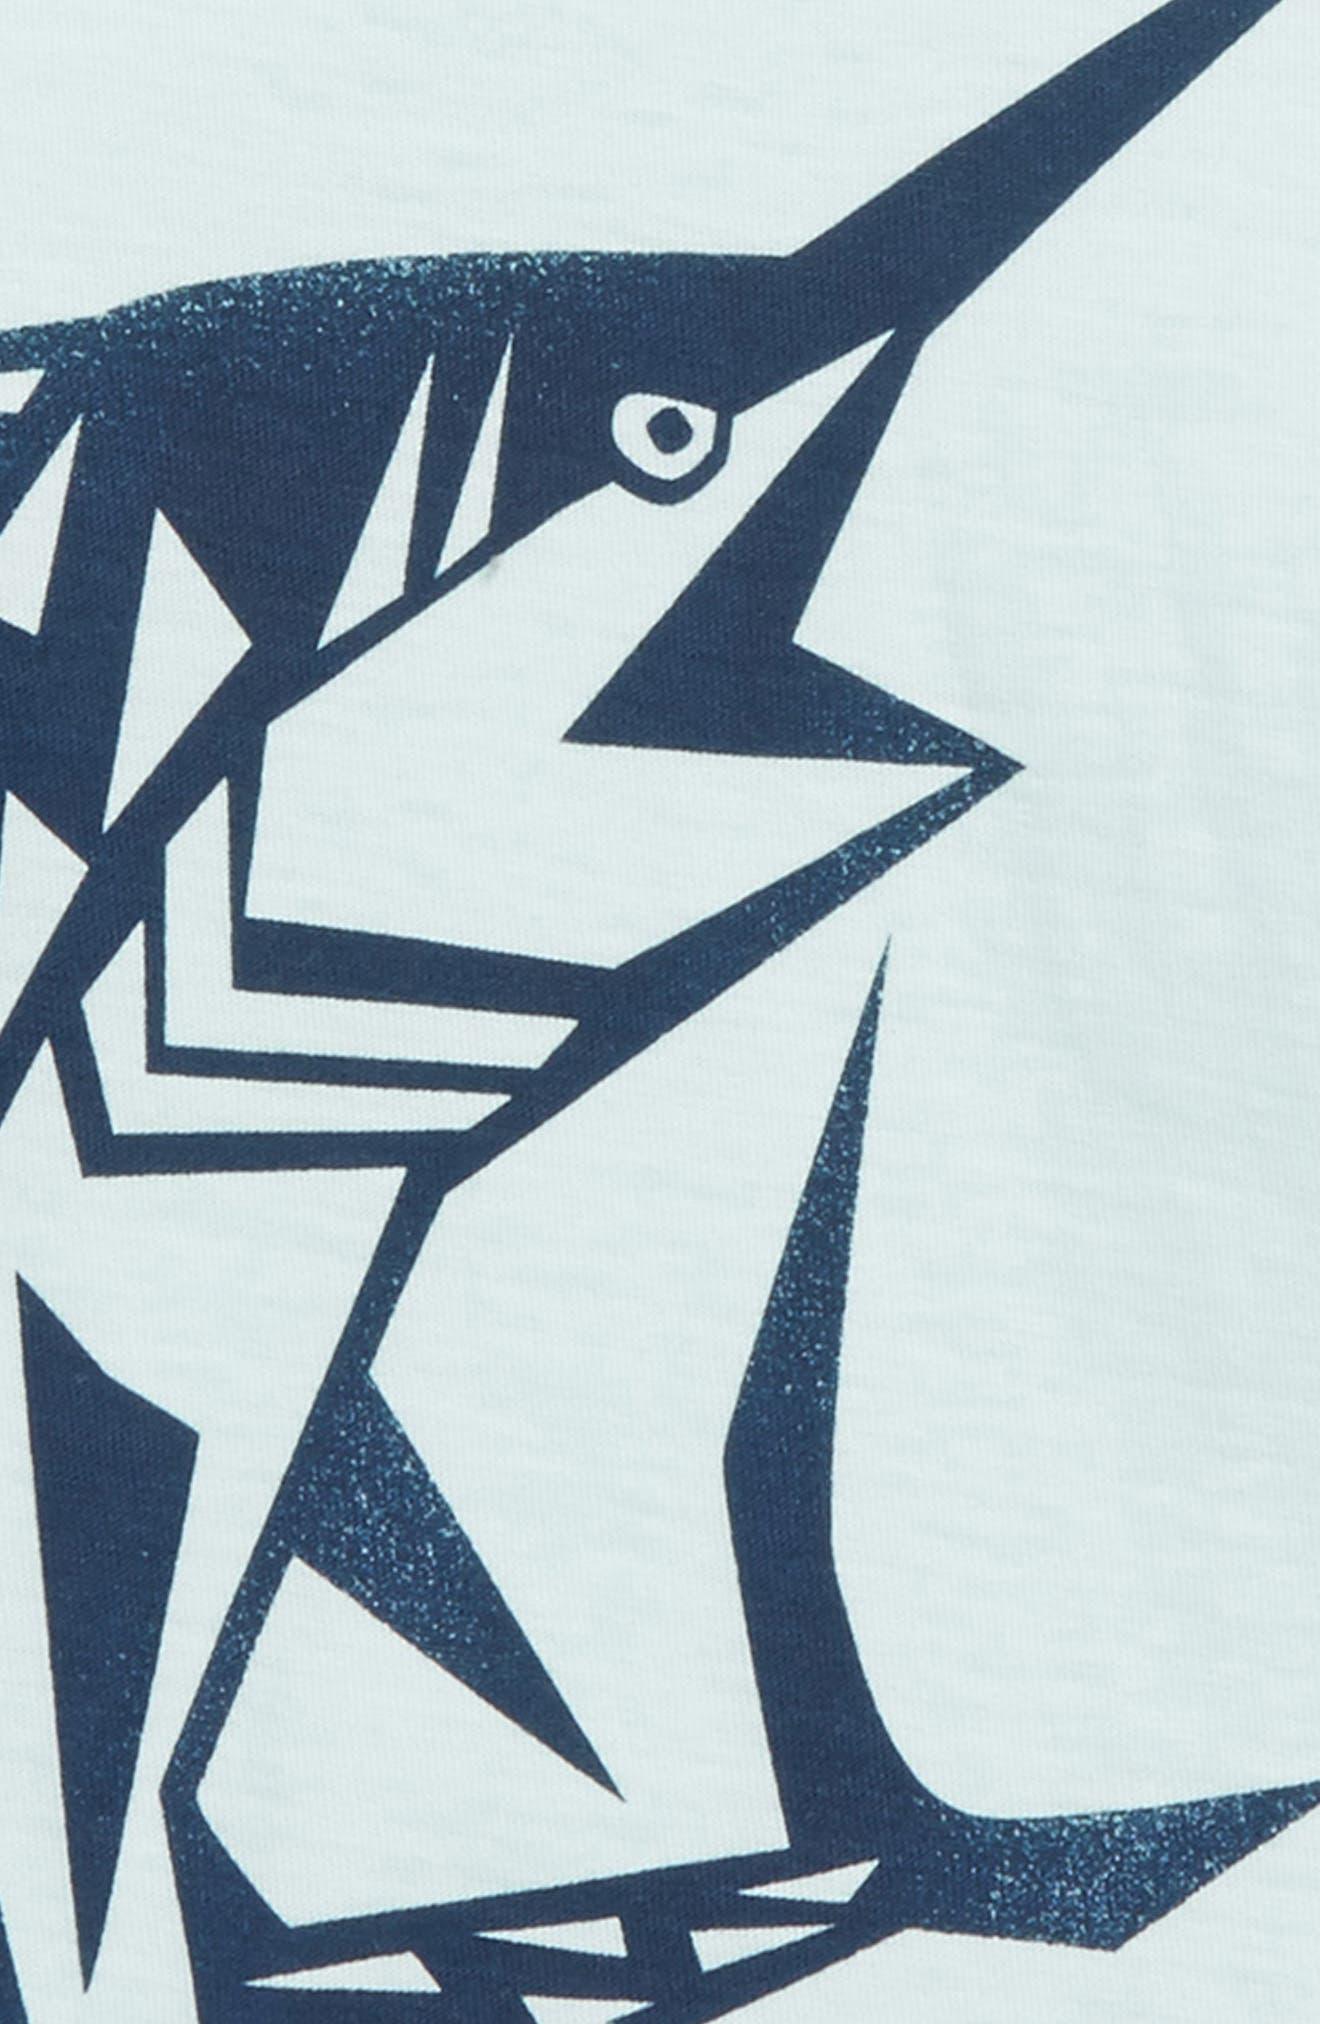 Swordfish T-Shirt,                             Alternate thumbnail 2, color,                             Key Blue